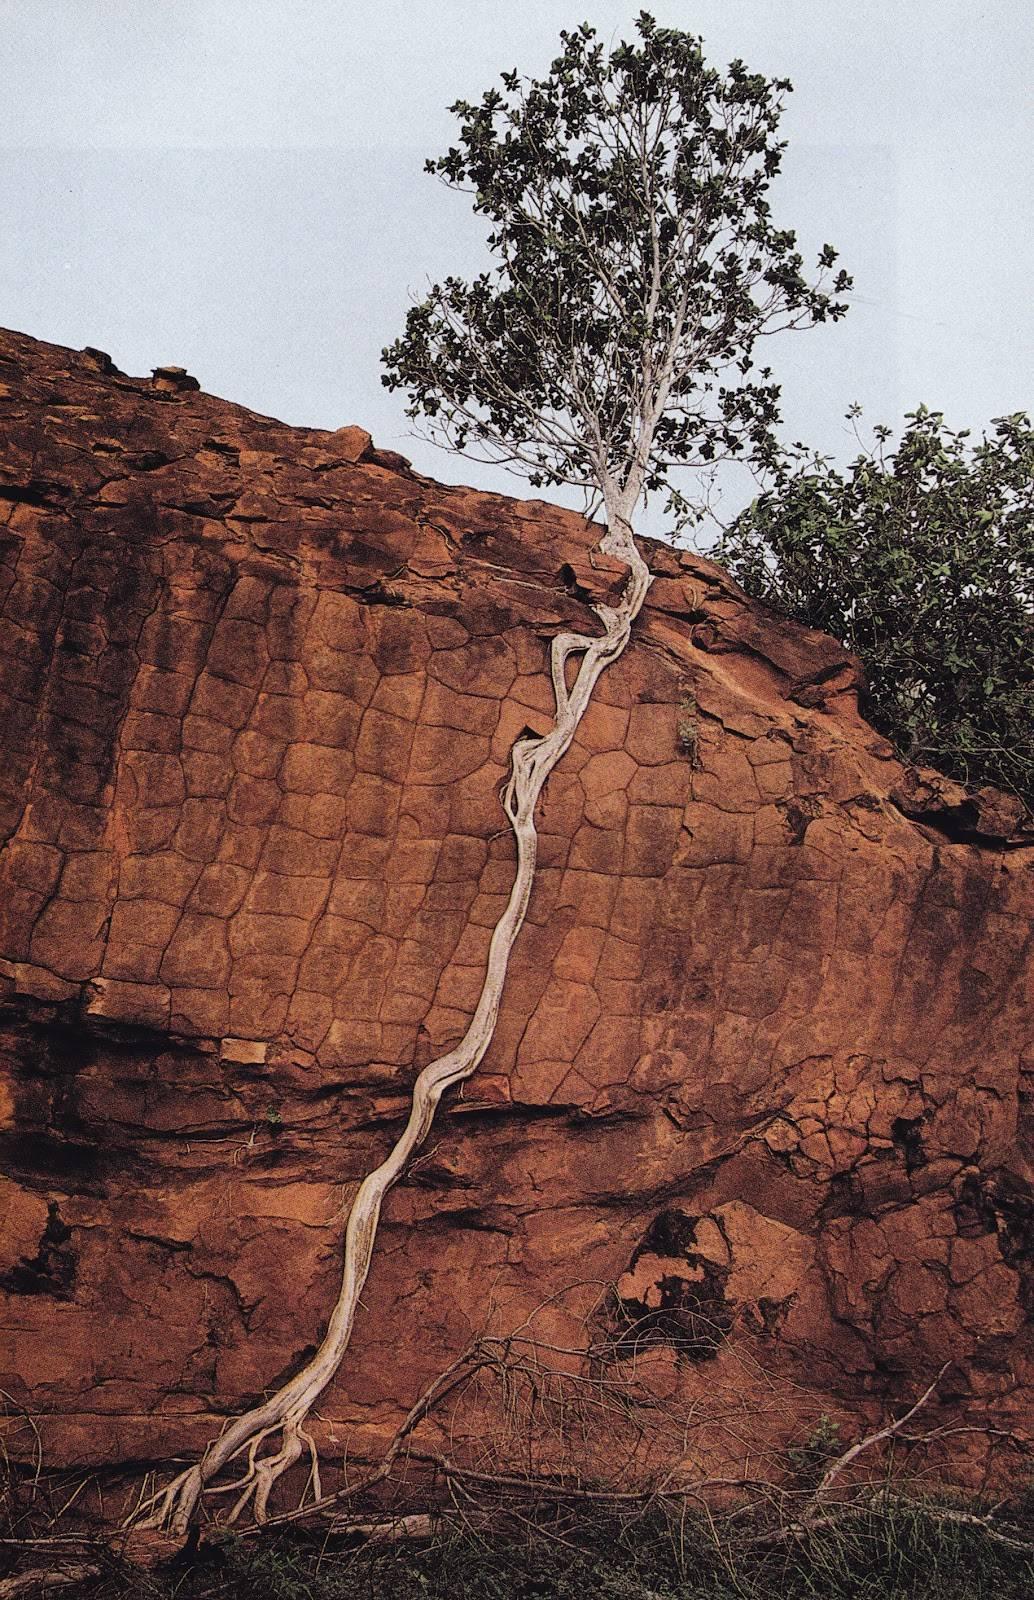 Baum in Australien - Fotograf unbekannt